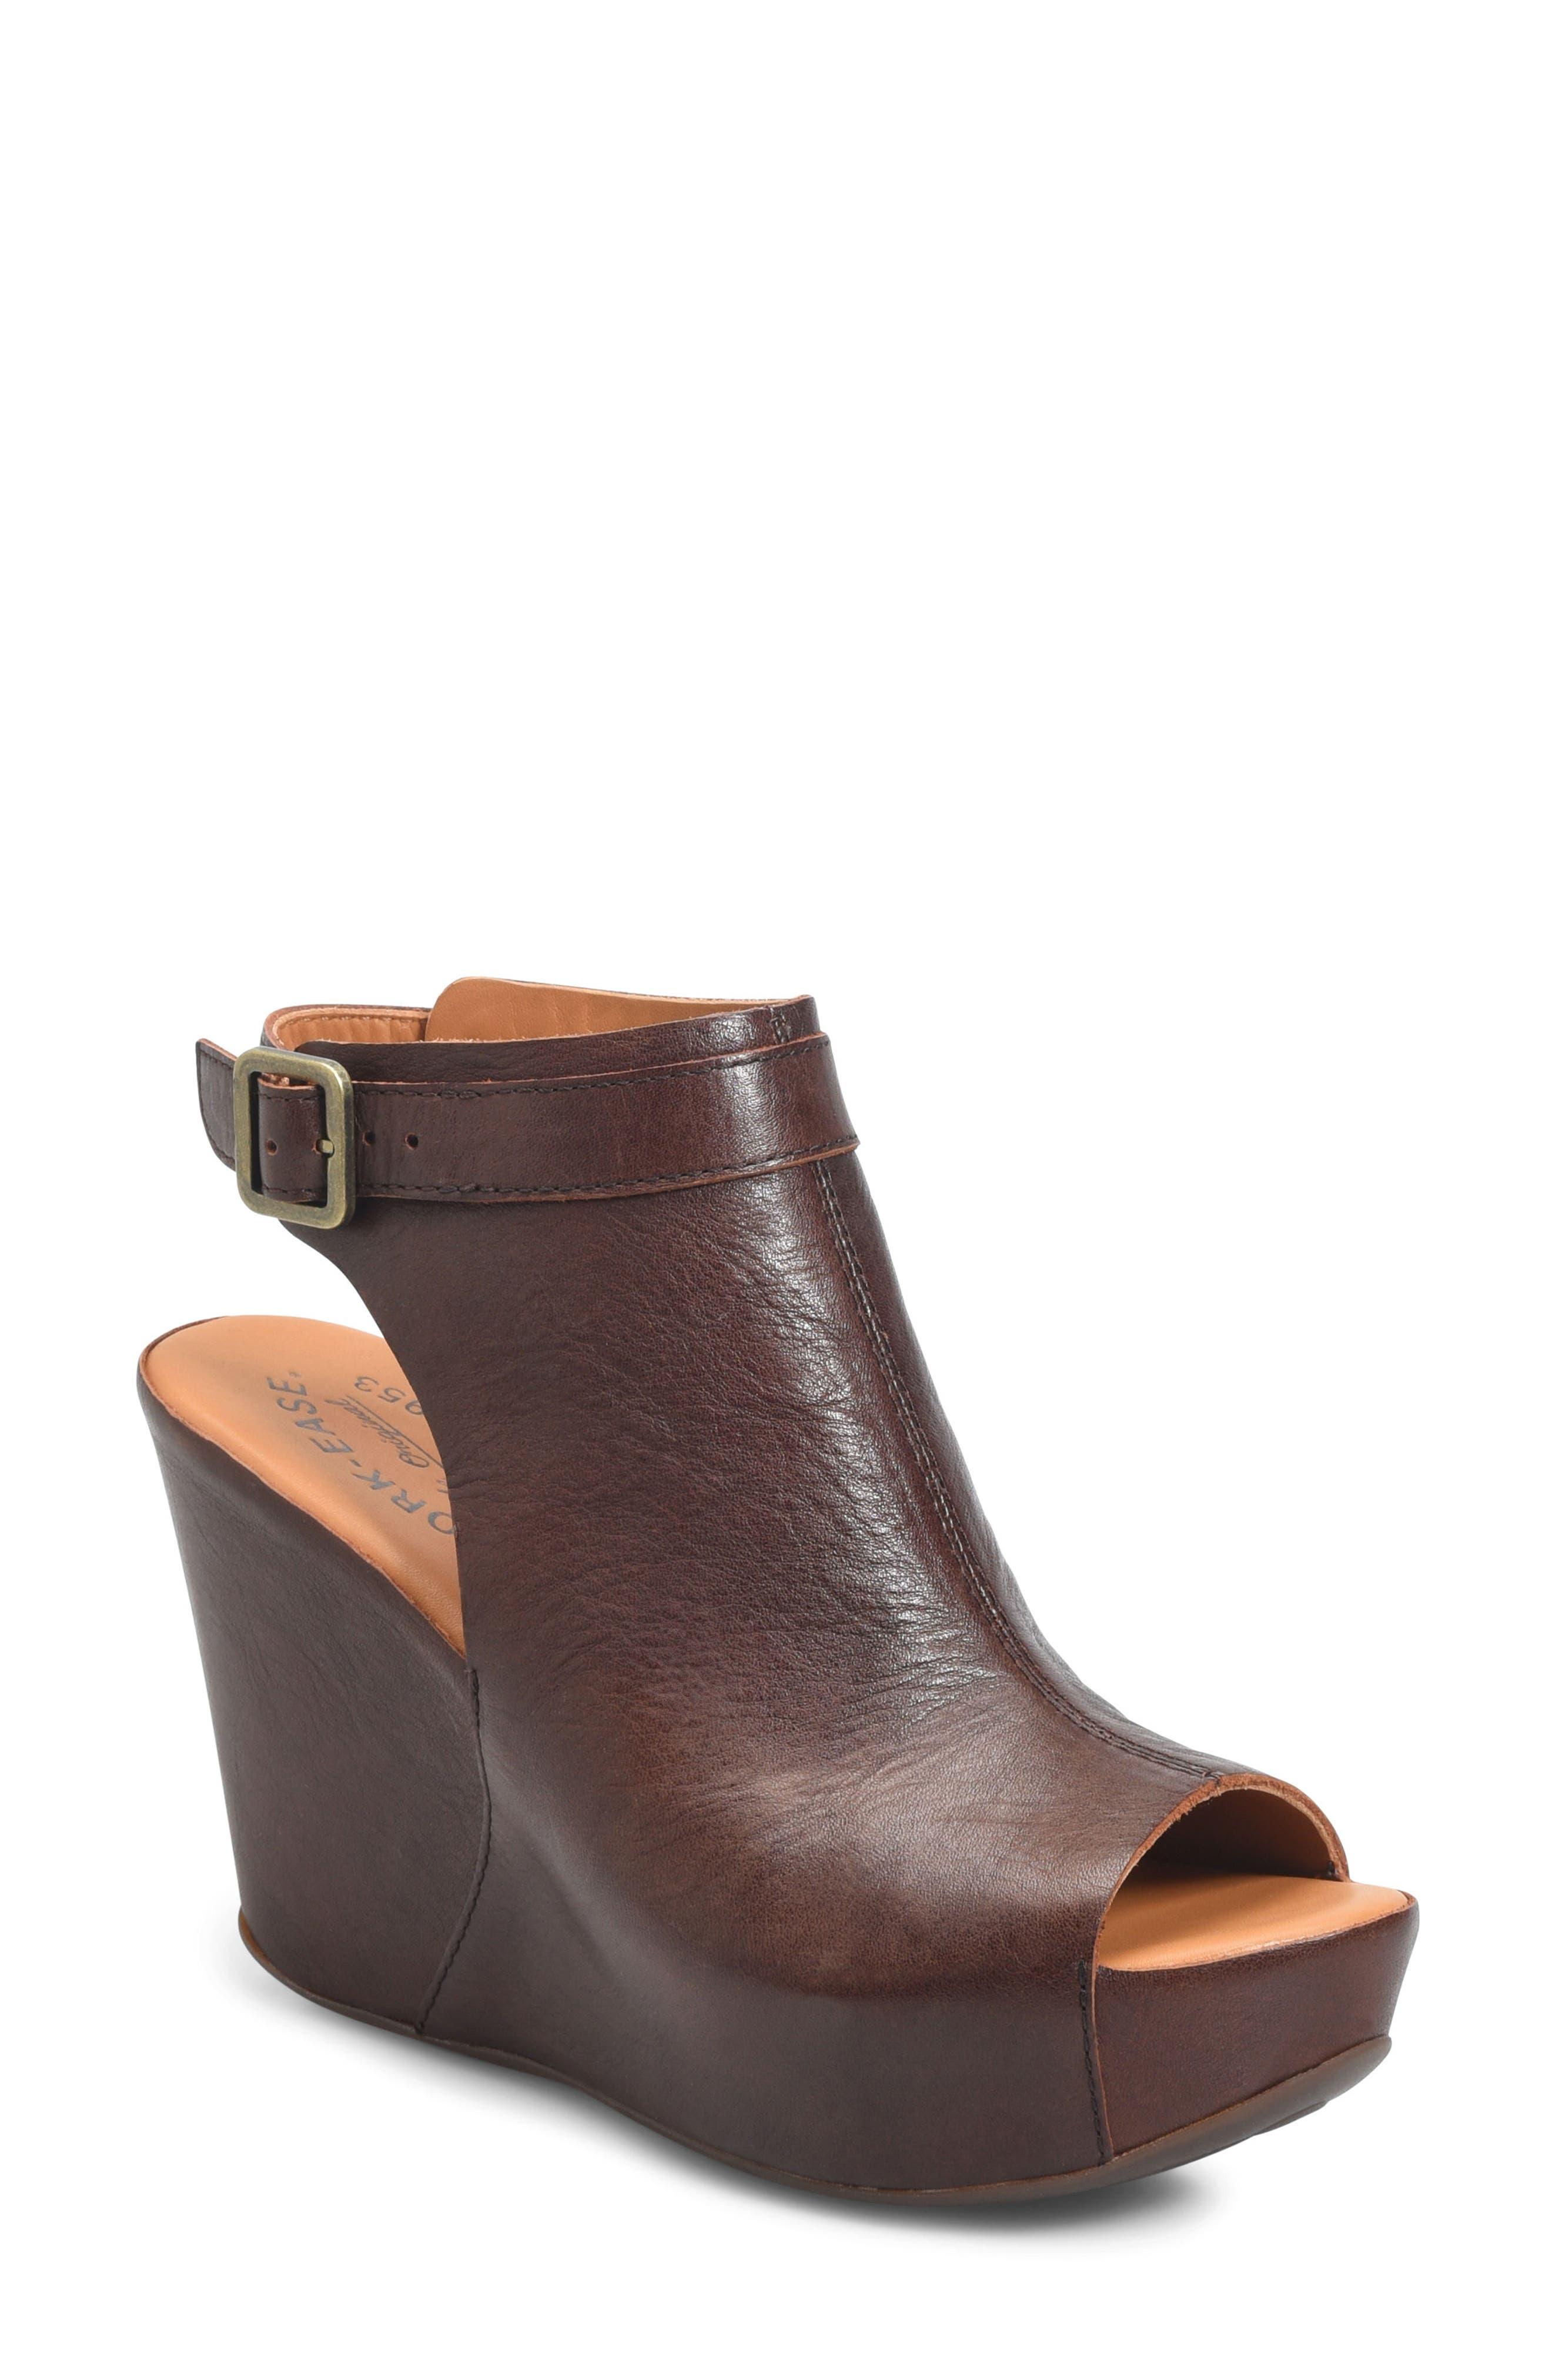 'Berit' Wedge Sandal,                             Main thumbnail 4, color,